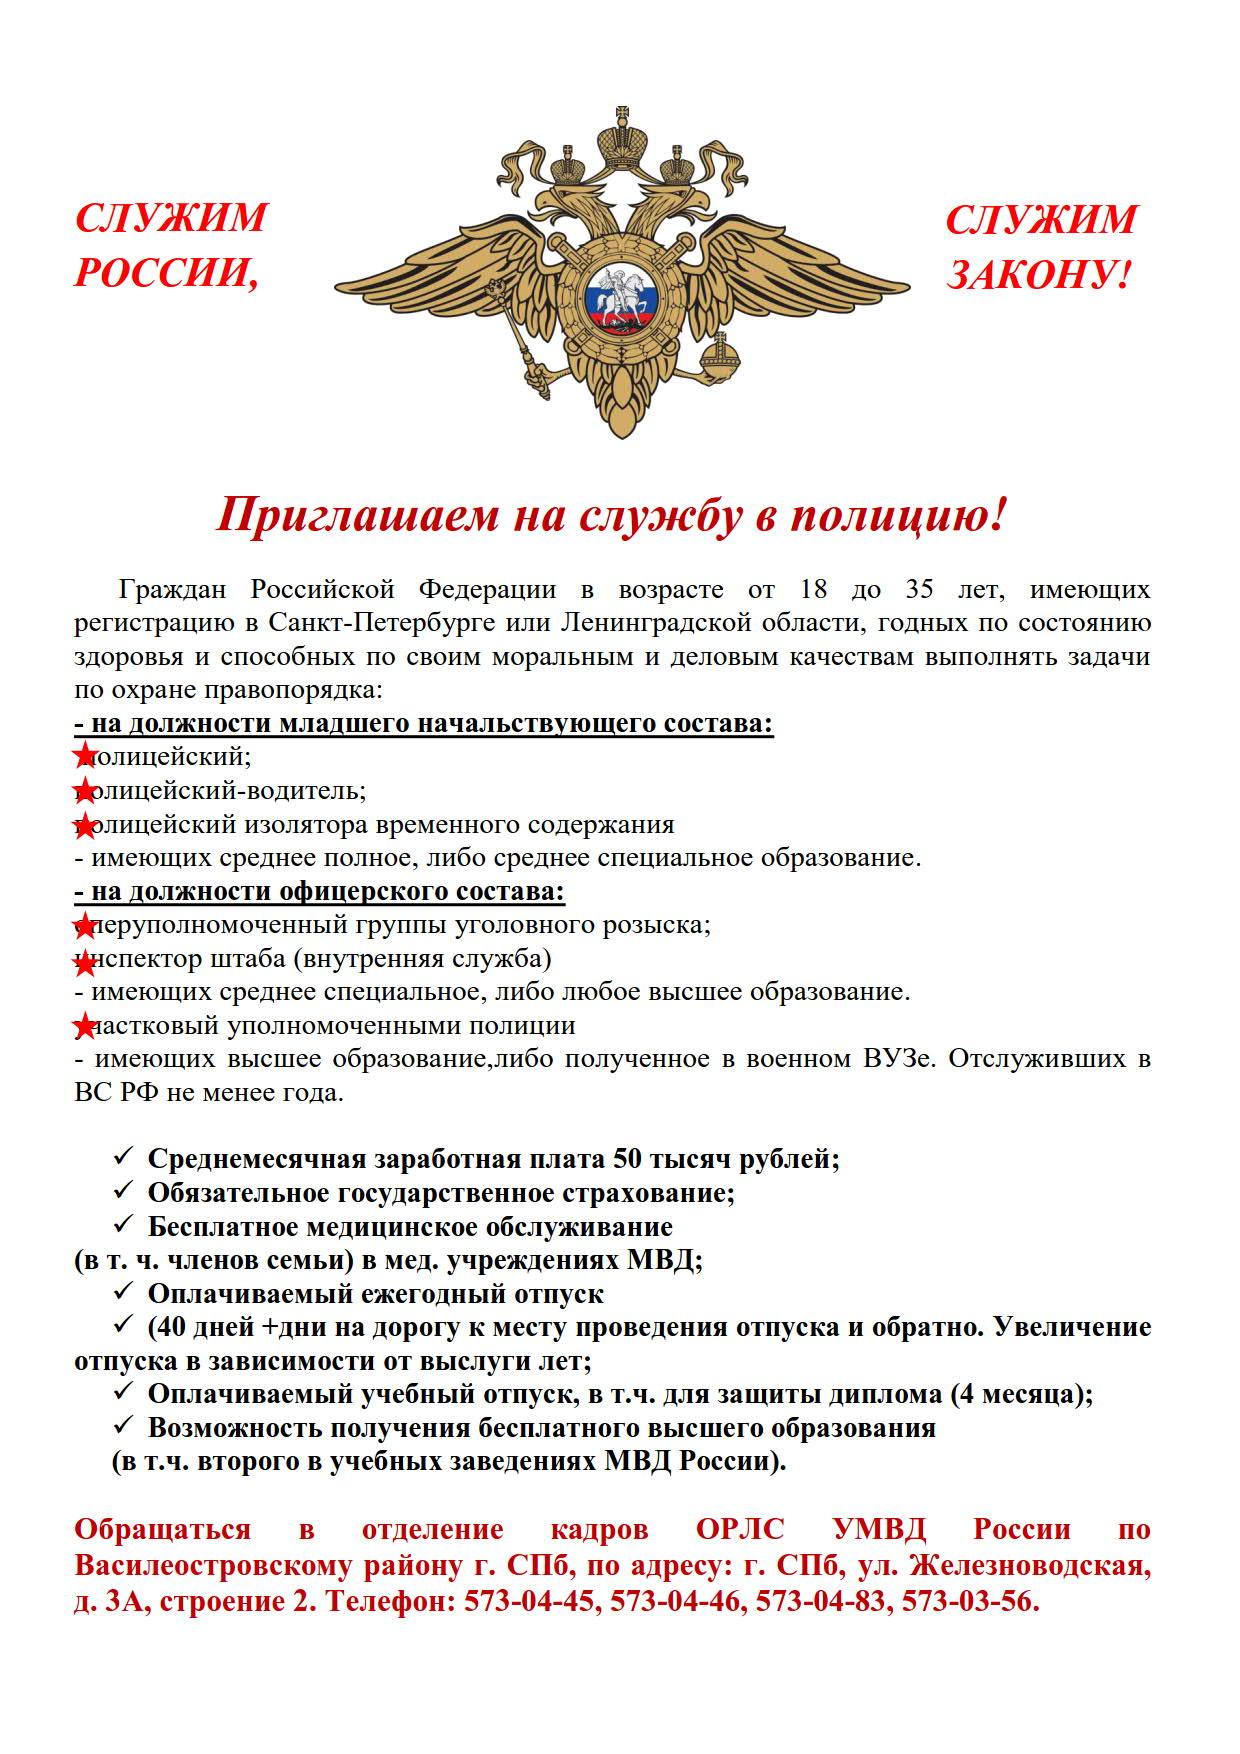 СЛУЖА ЗАКОНУ_1